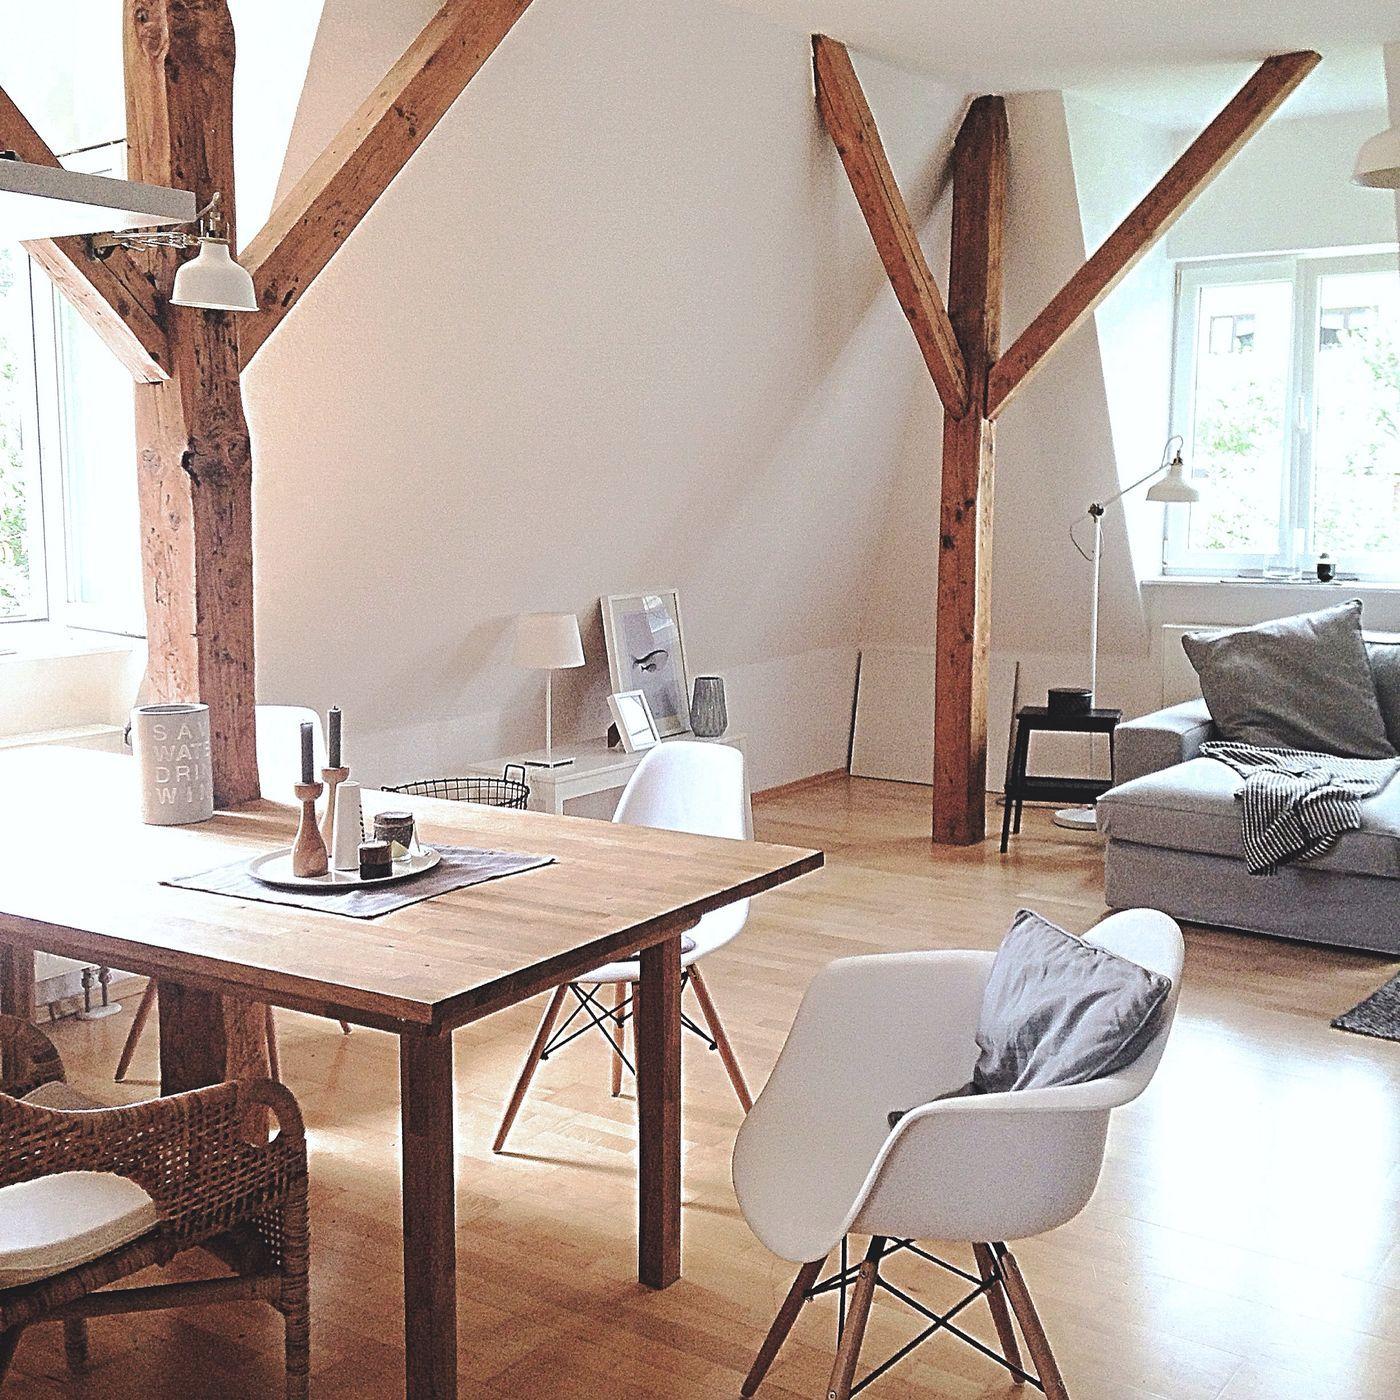 Full Size of Lampen Wohnzimmer Decke Ikea Schnsten Ideen Mit Leuchten Poster Stehlampe Deckenleuchte Deckenlampen Lampe Schlafzimmer Led Badezimmer Betten 160x200 Sofa Wohnzimmer Lampen Wohnzimmer Decke Ikea